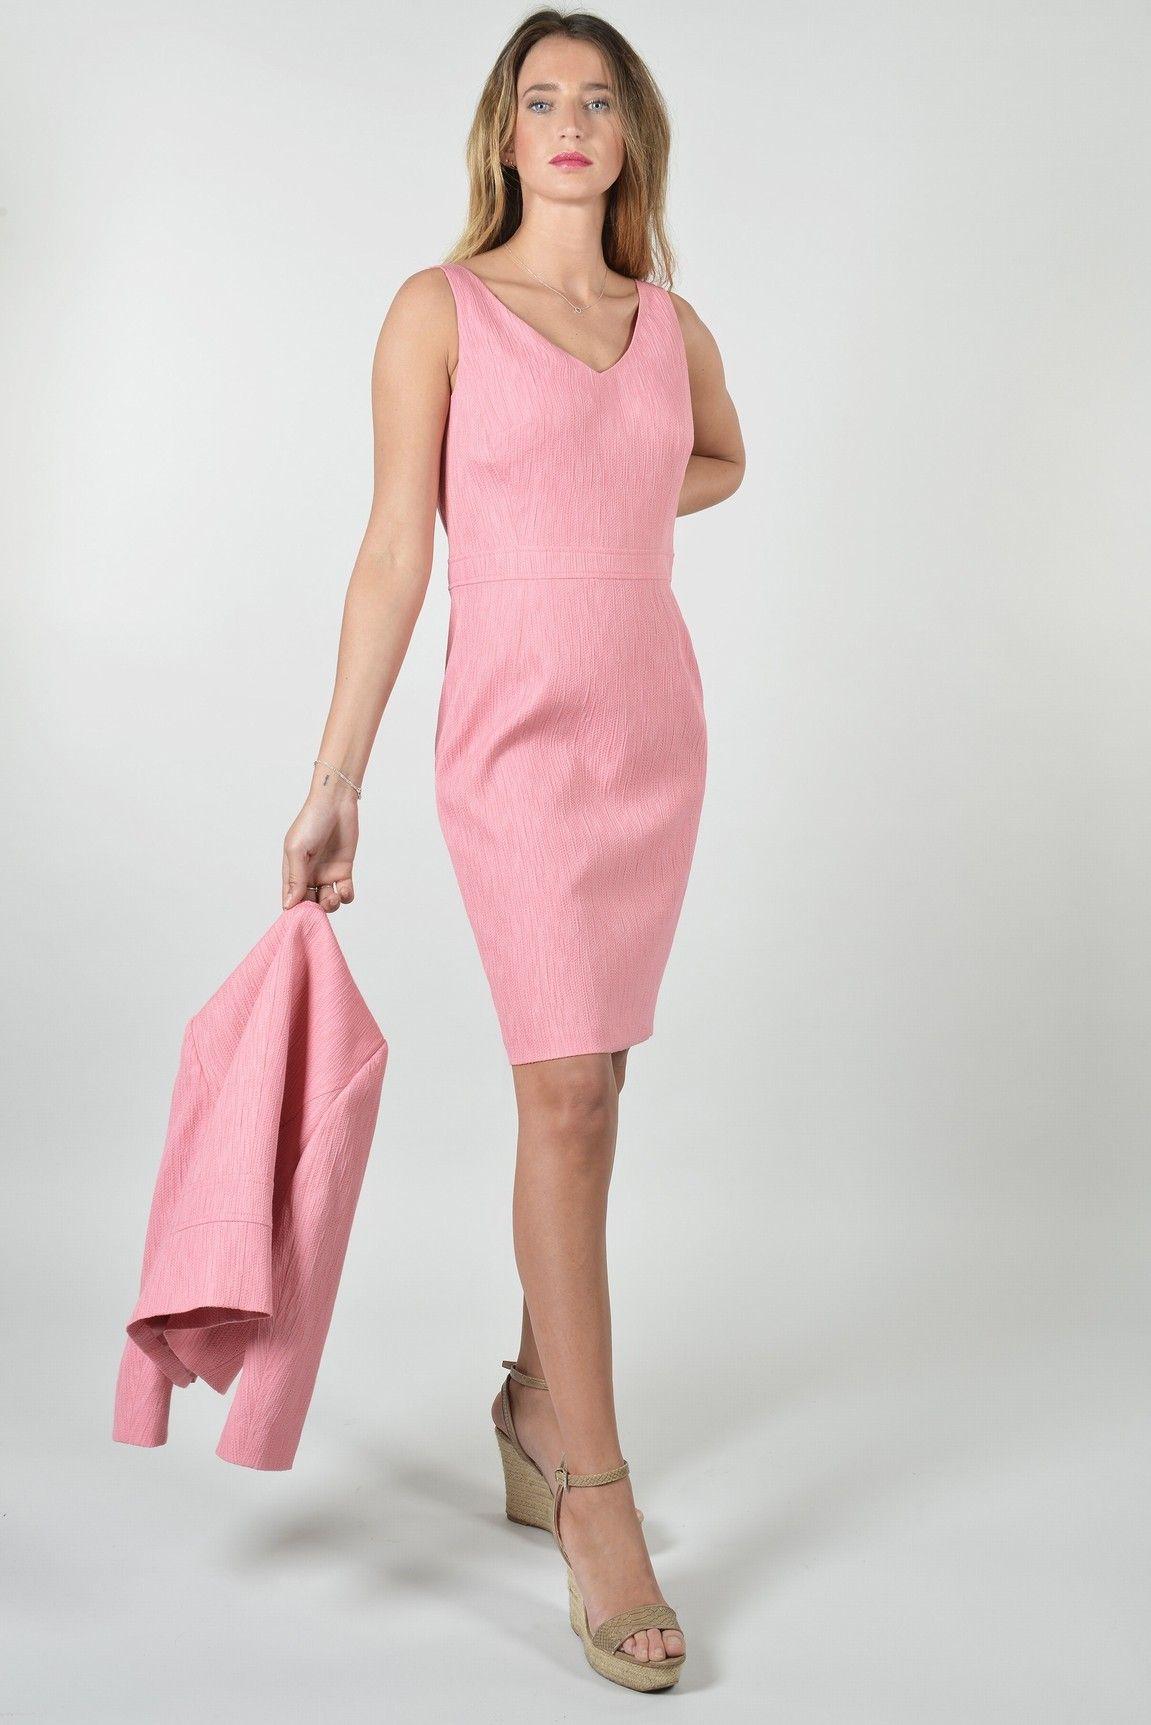 9d8a696d4bd Poudre robe - Antonelle Réf   17RO5985 Robe forme crayon POUDRE en maille  jacquard façon crêpon